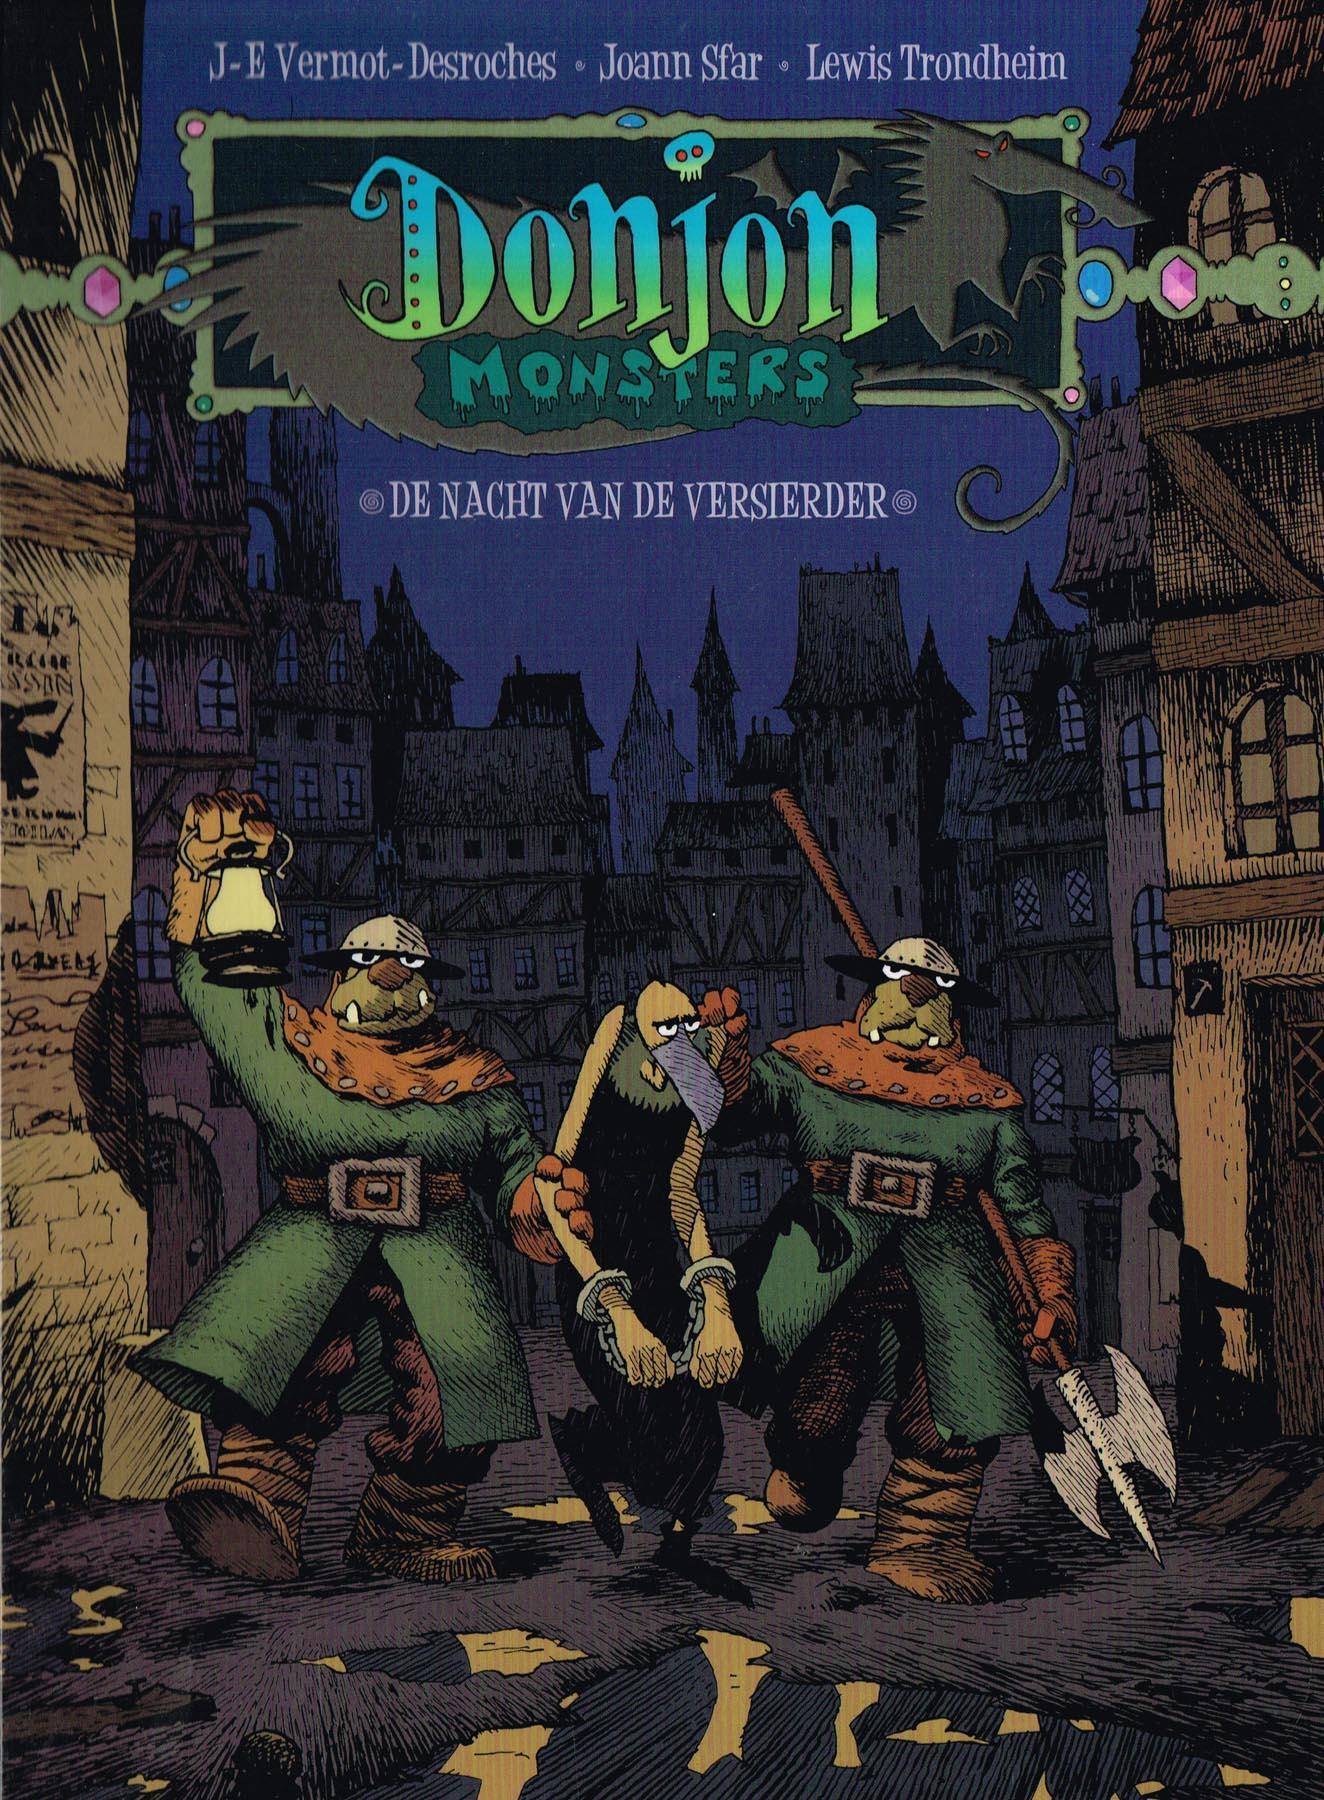 Donjon Monsters - 07 - Mijn Zoon De Moordenaar